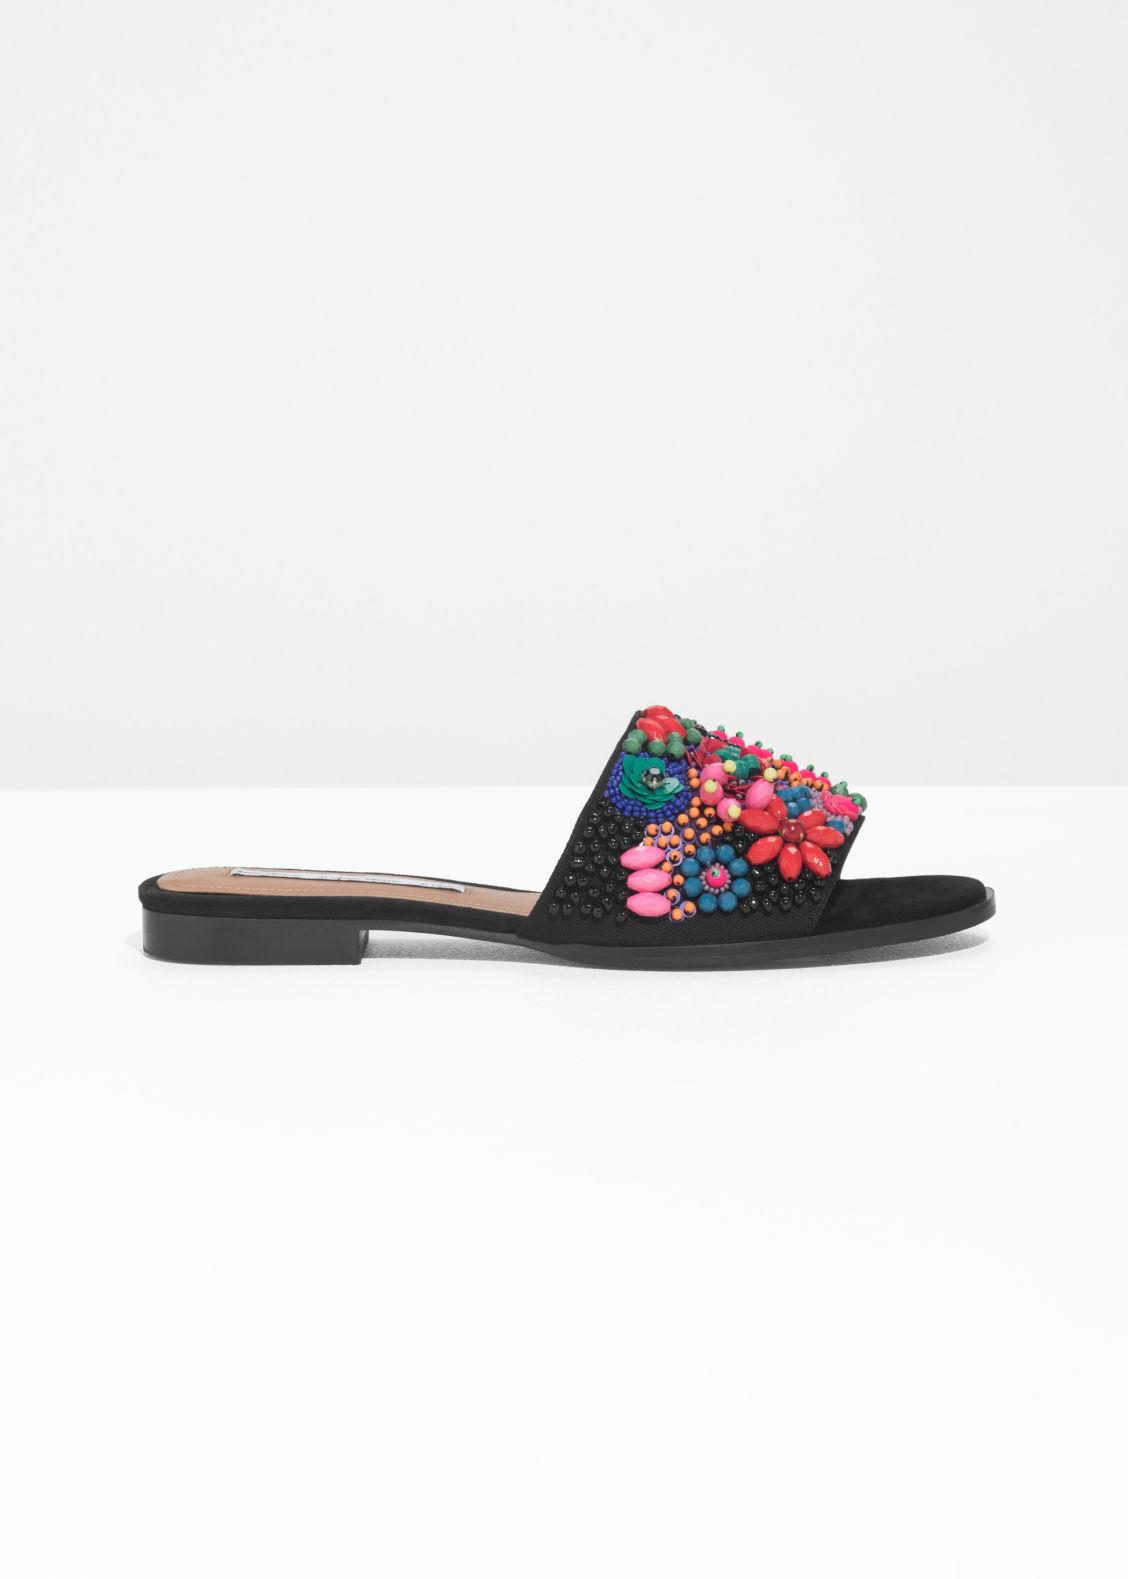 & OTHER STORIES Embellished Slip On Sandals